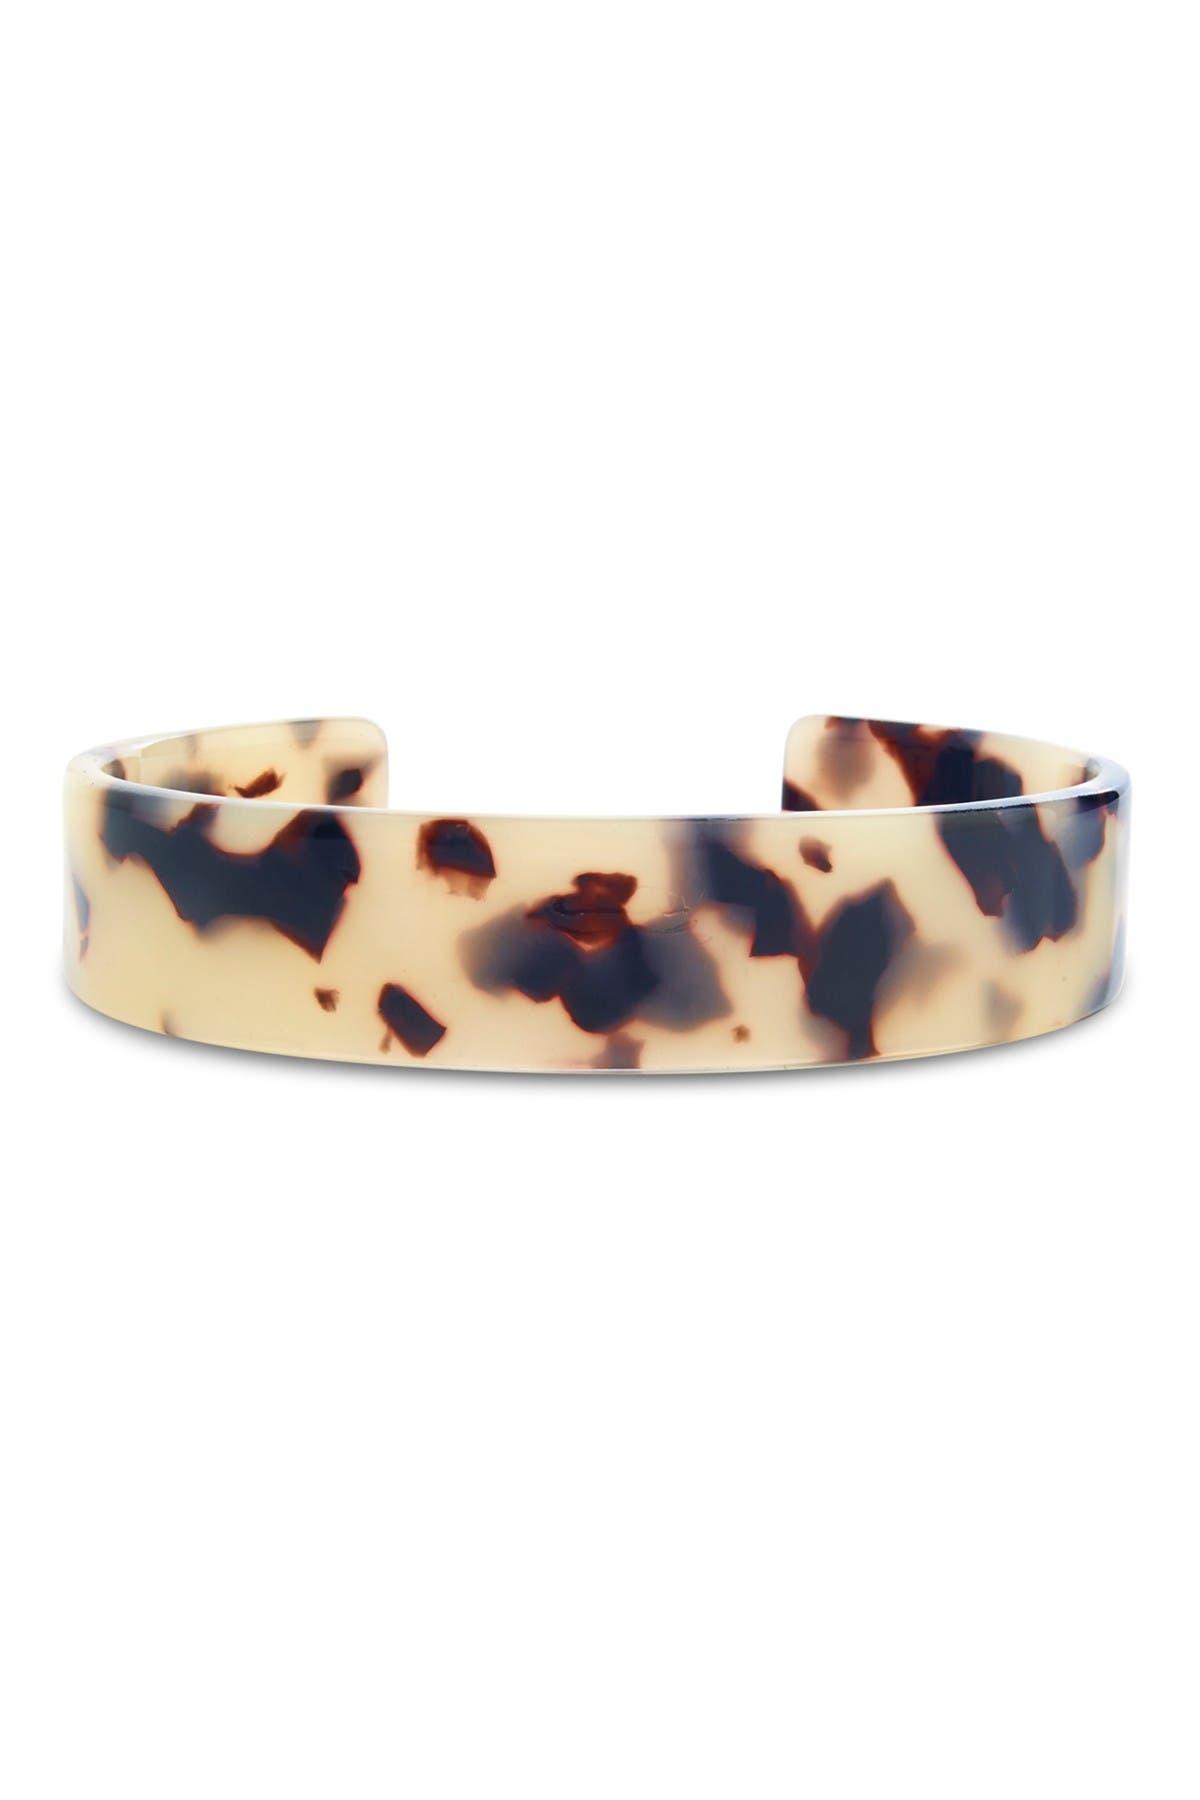 Image of Sterling Forever Milky Tortoise Resin Cuff Bracelet